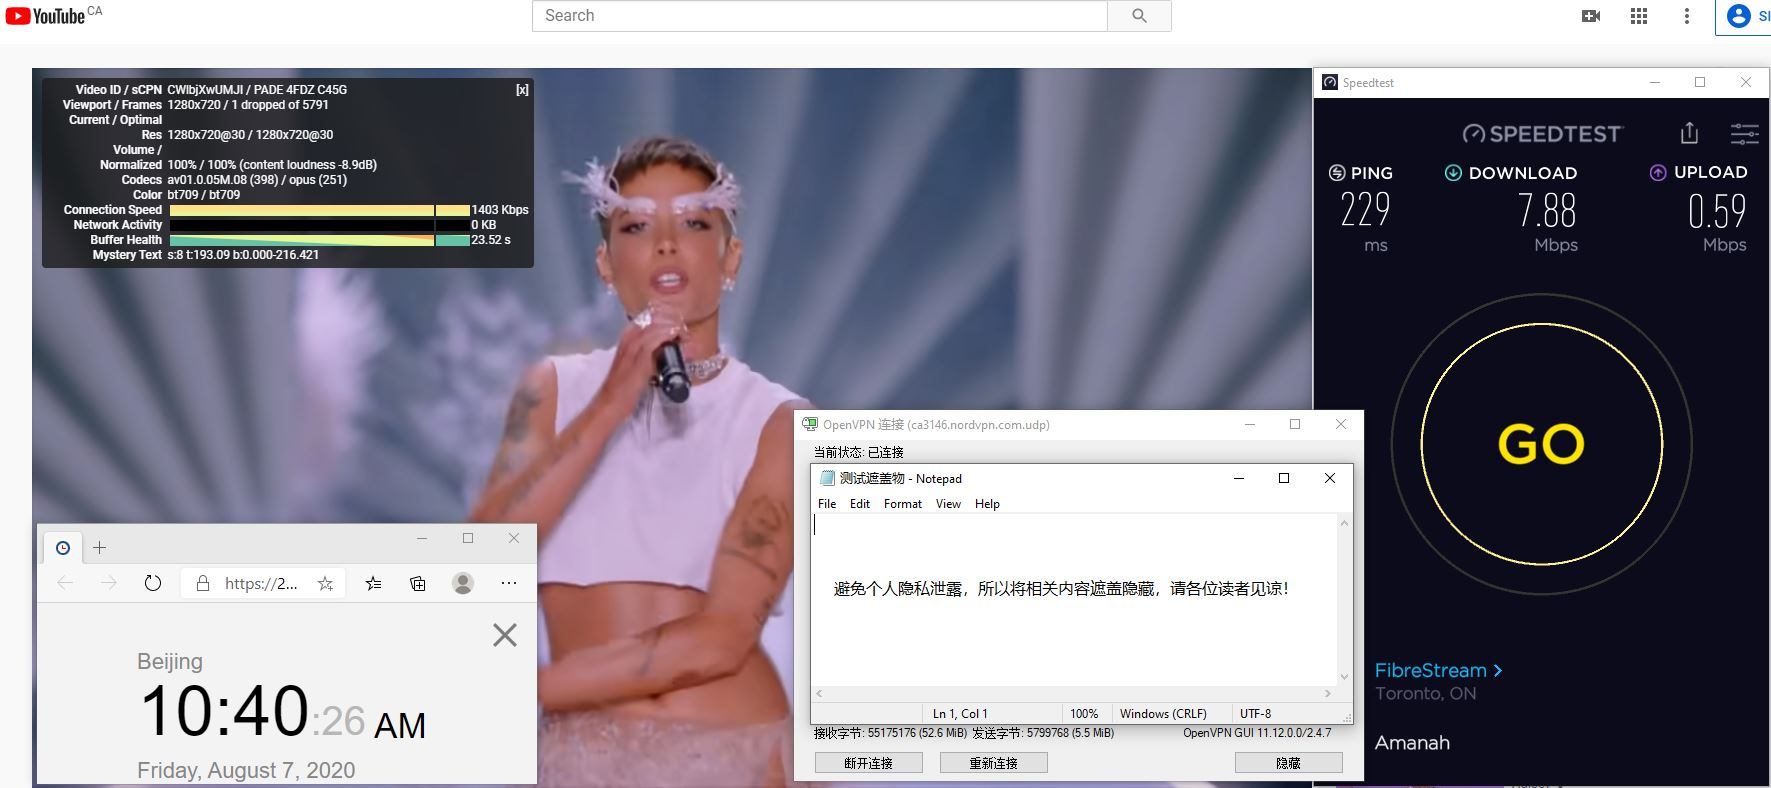 Windows10 NordVPN Open VPN GUI ca3146 中国VPN 翻墙 科学上网 翻墙速度测试 - 20200807